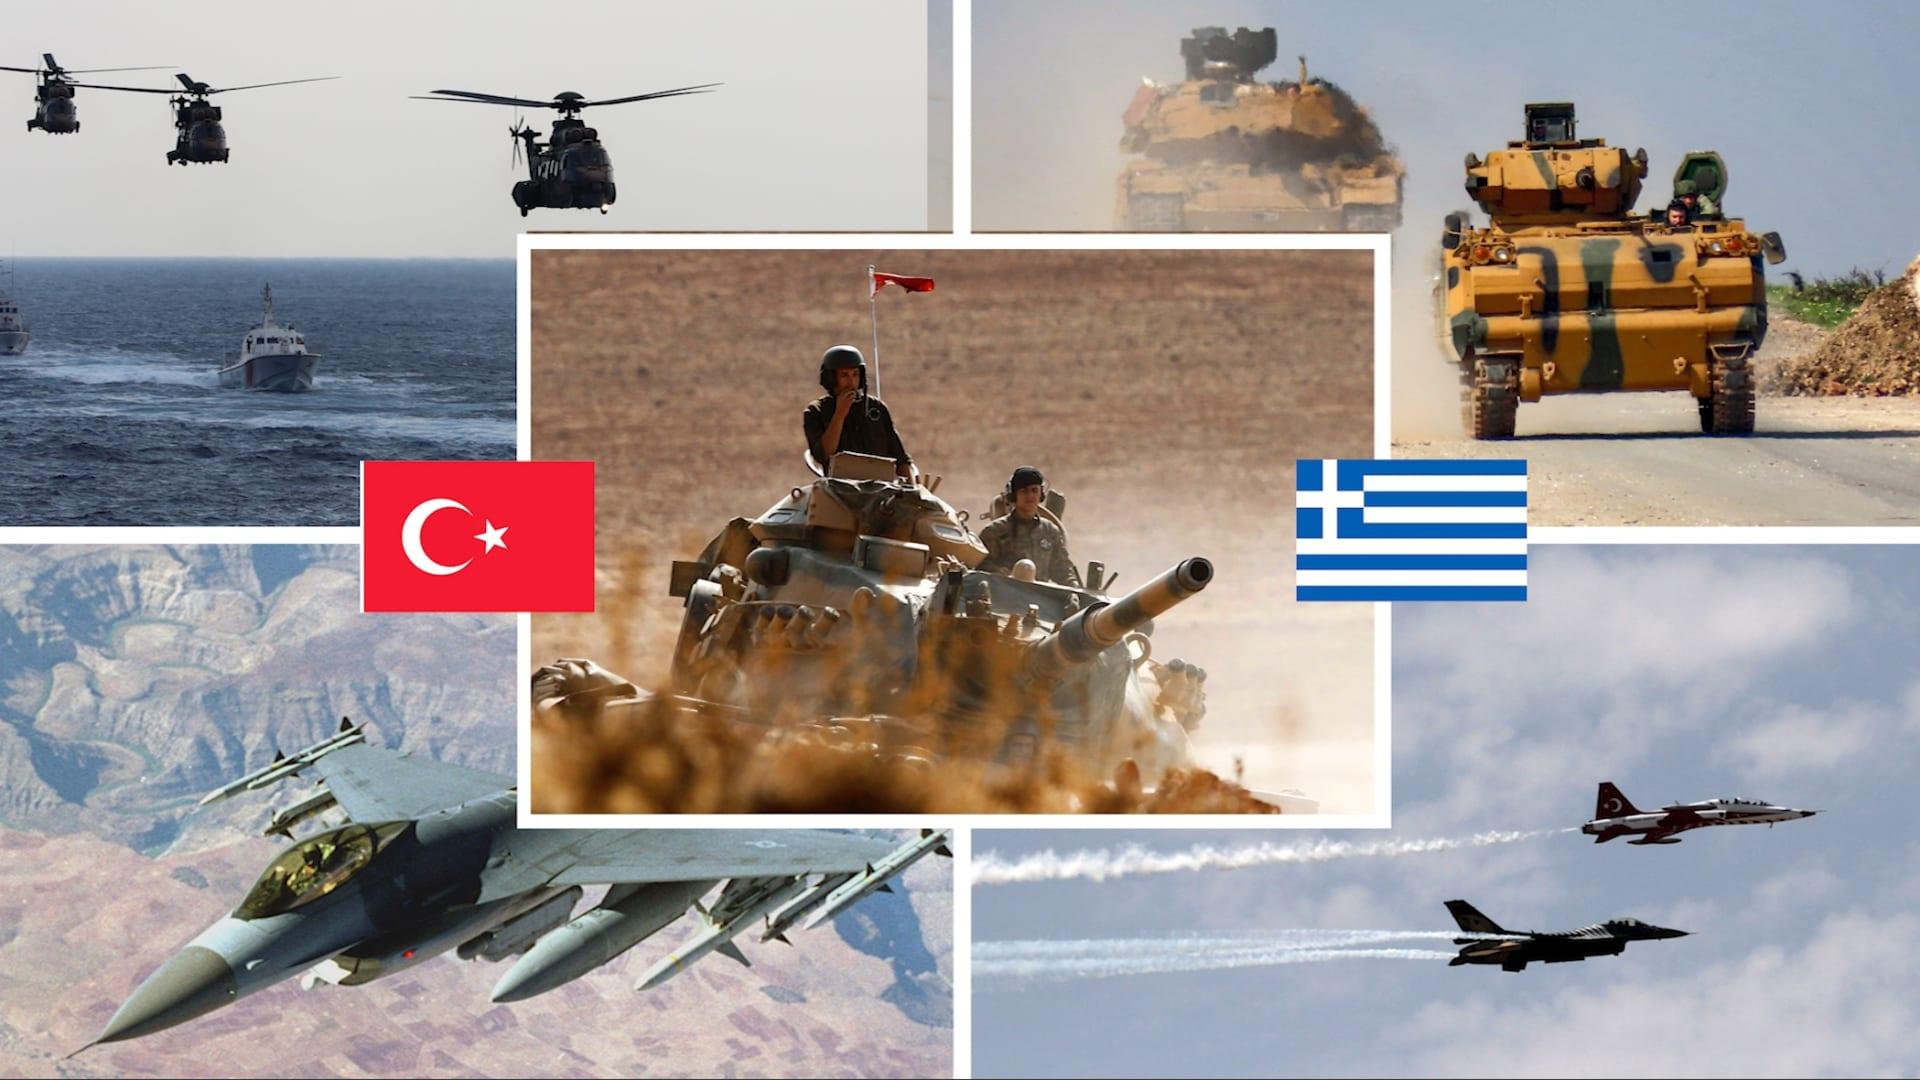 """مع بدء """"عين الصقر"""" بمشاركة سعودية.. إليكم مقارنة بين قدرات جيشي تركيا واليونان"""